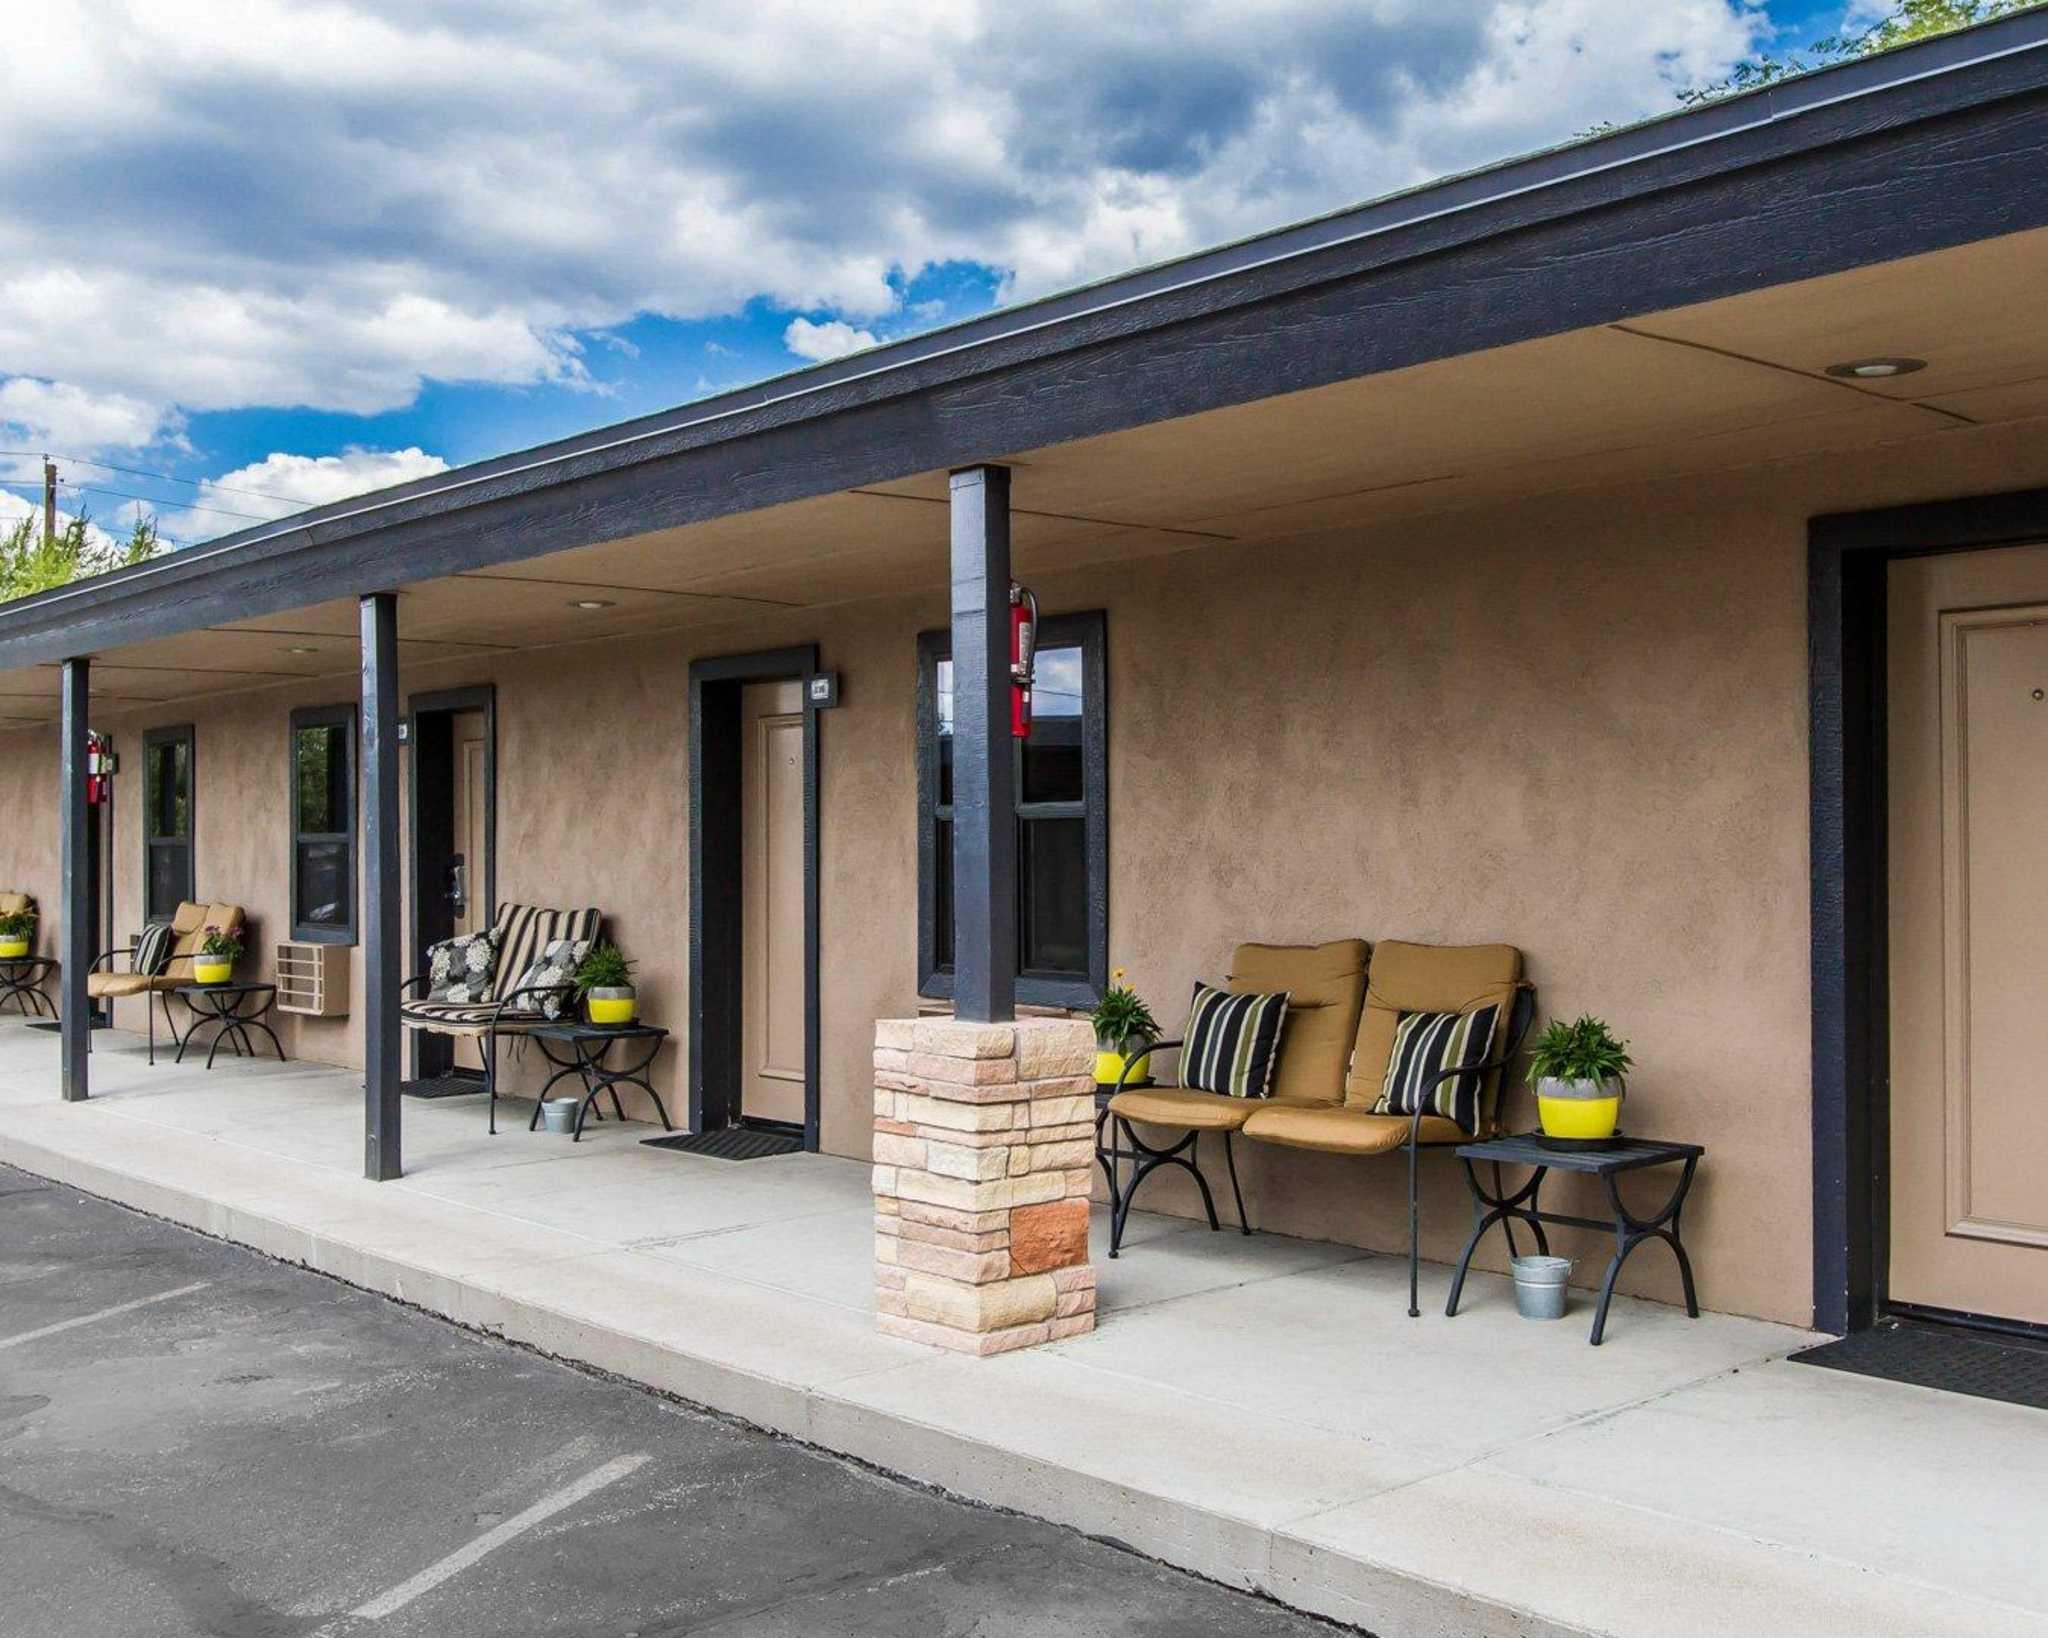 Rodeway Inn & Suites Downtowner-Rte 66 image 2